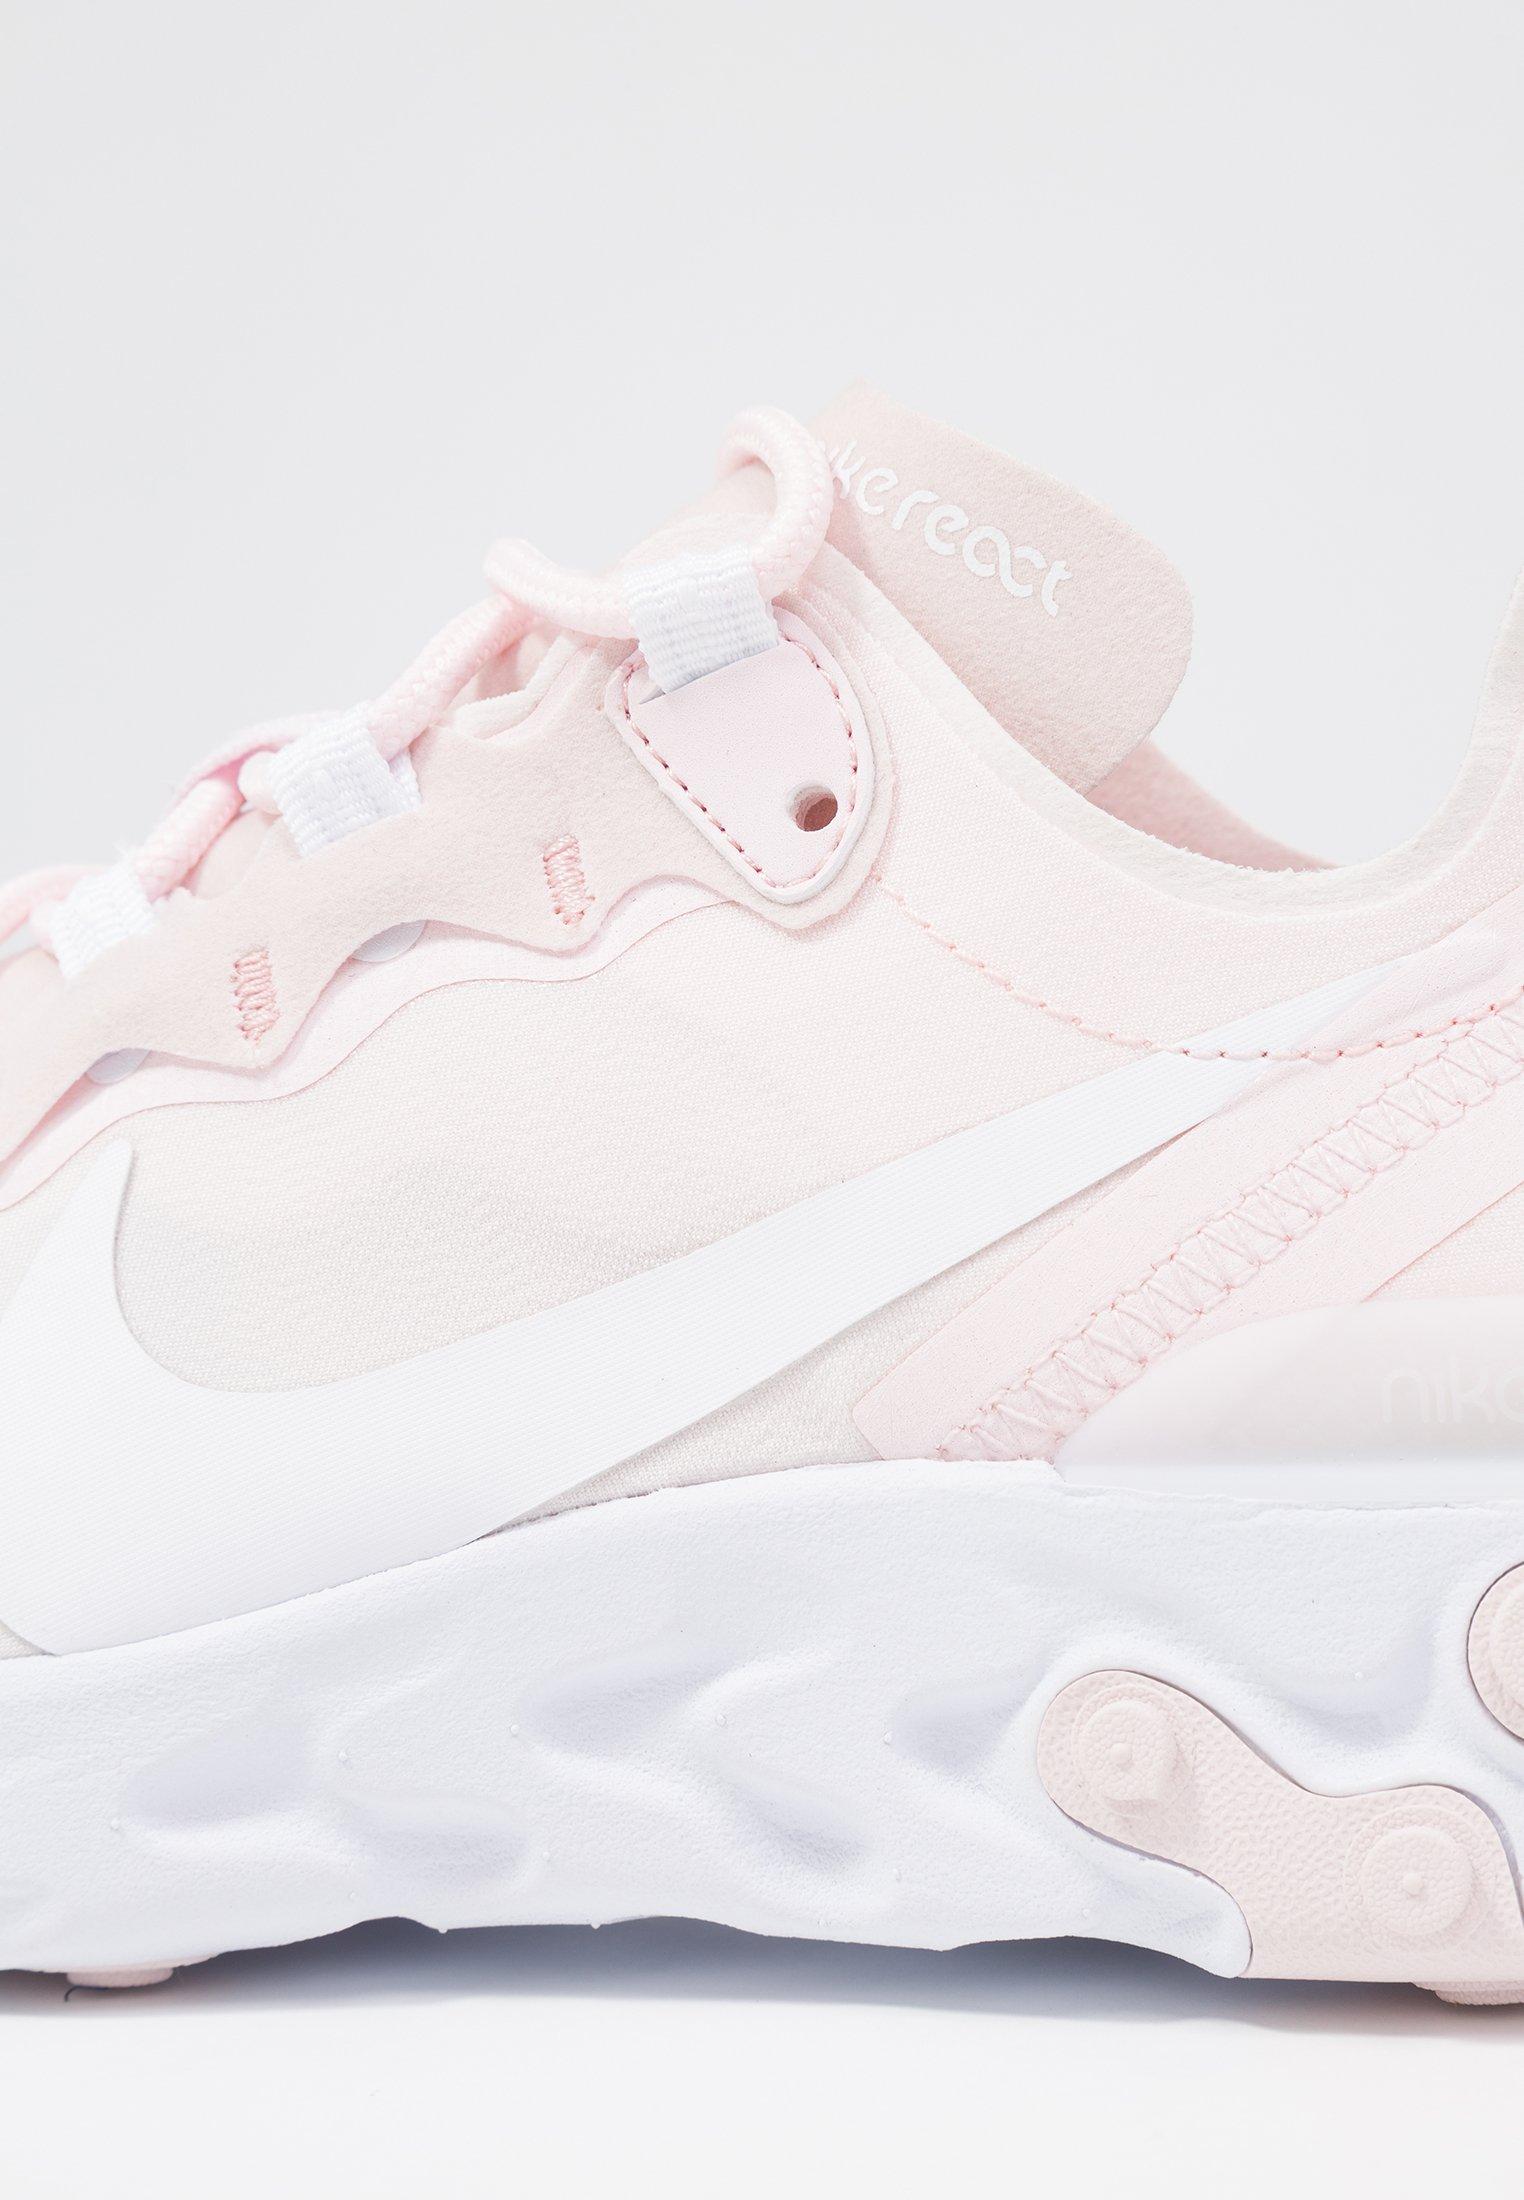 Nike Sportswear REACT 55 Baskets basses pale pinkwashed